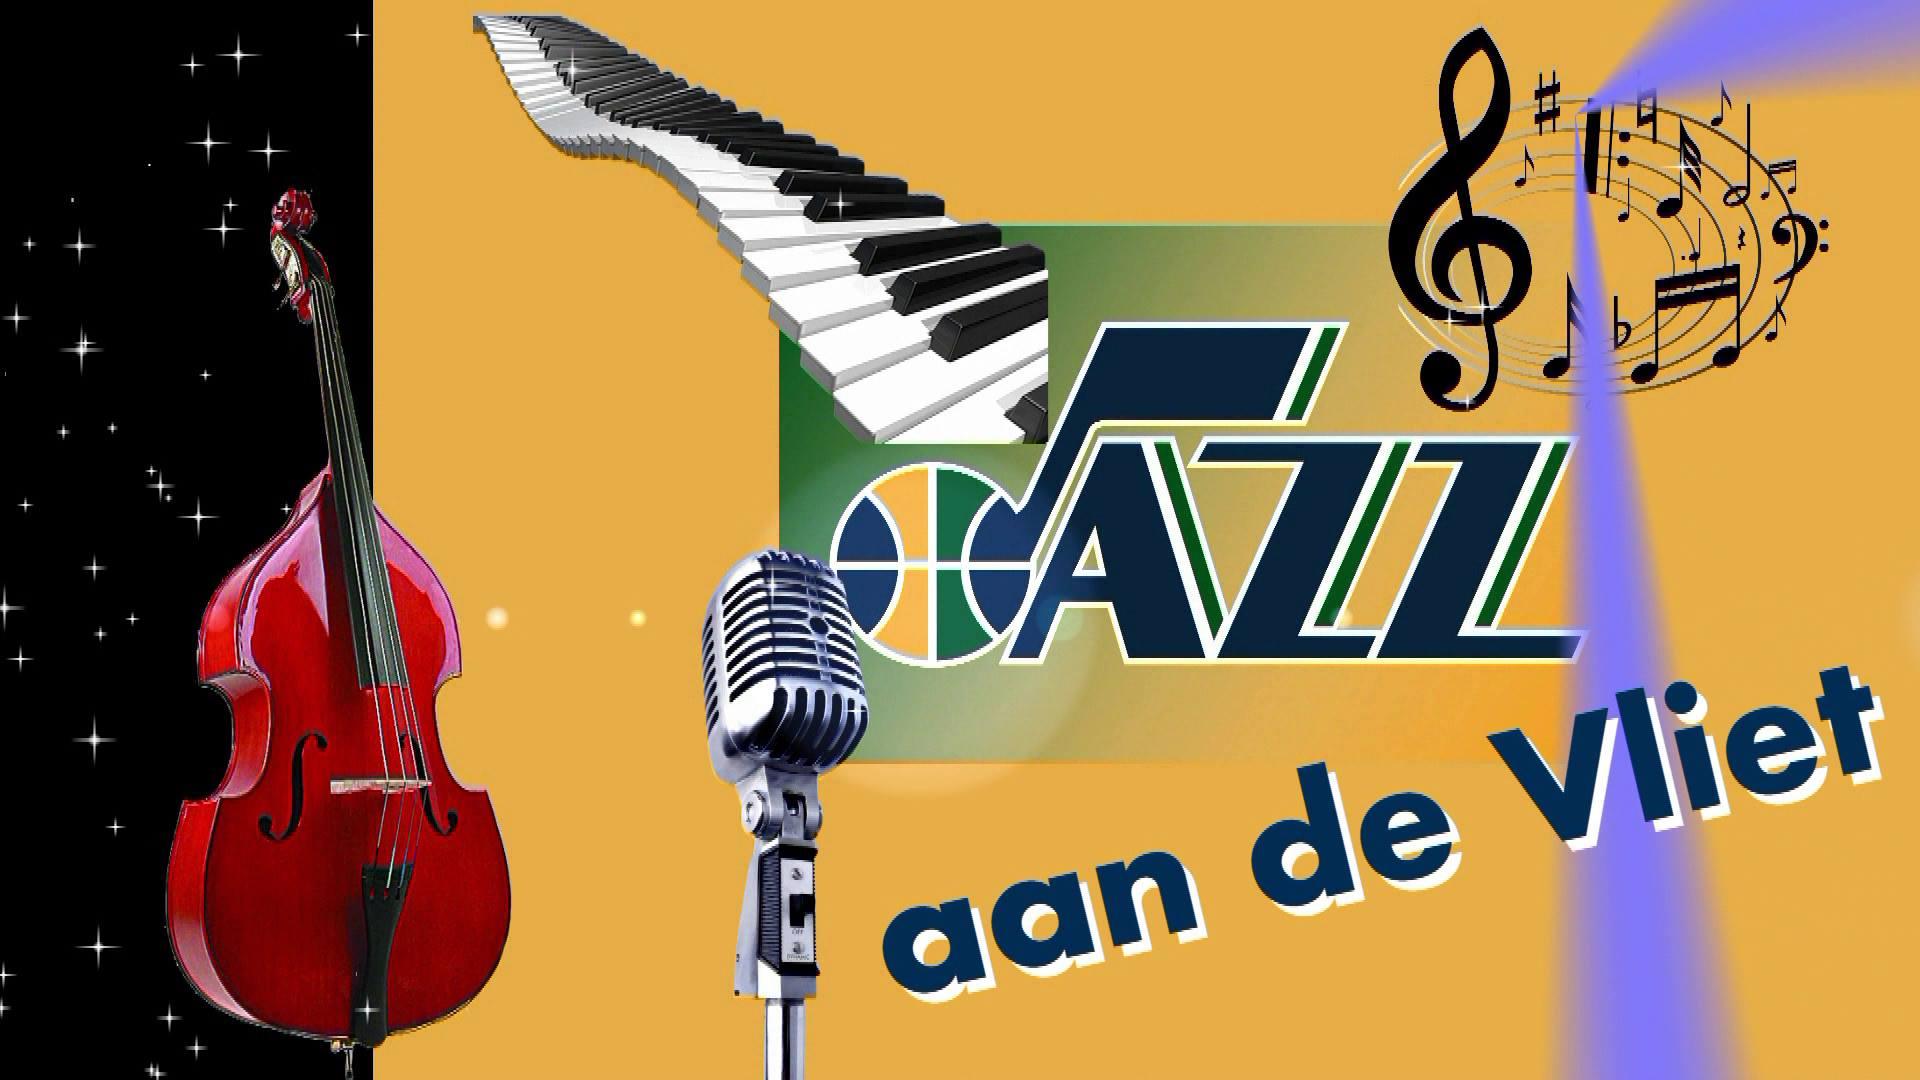 jazz aan de vliet